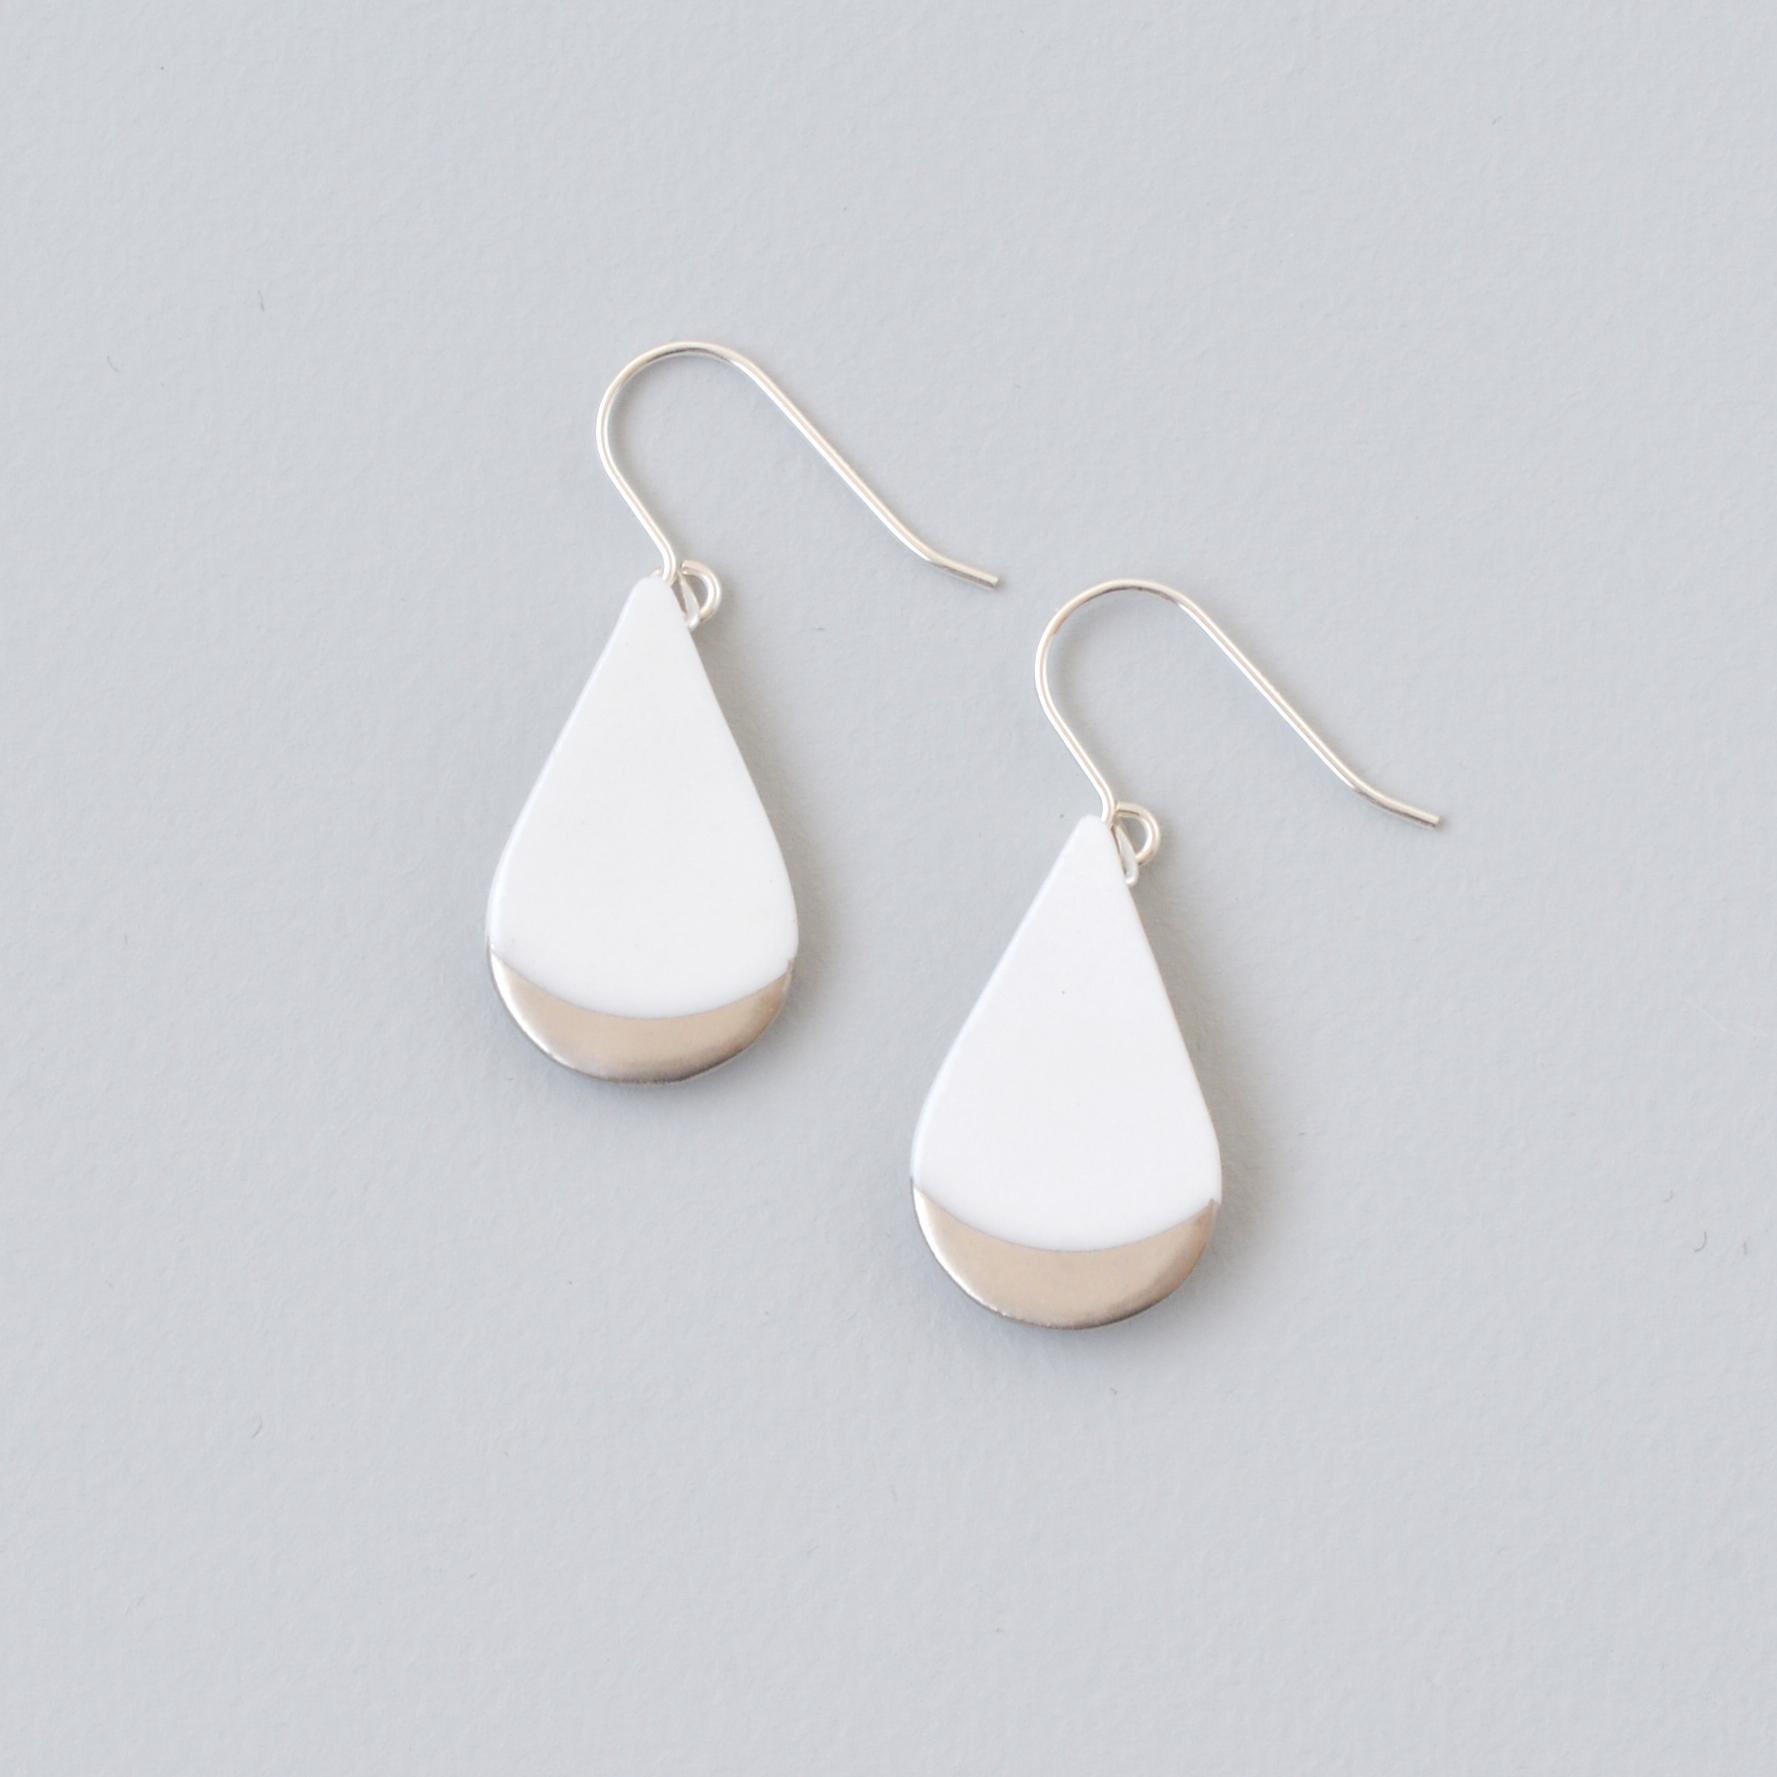 白磁金彩ピアス- ドロッププレート・ホワイトマットゴールド